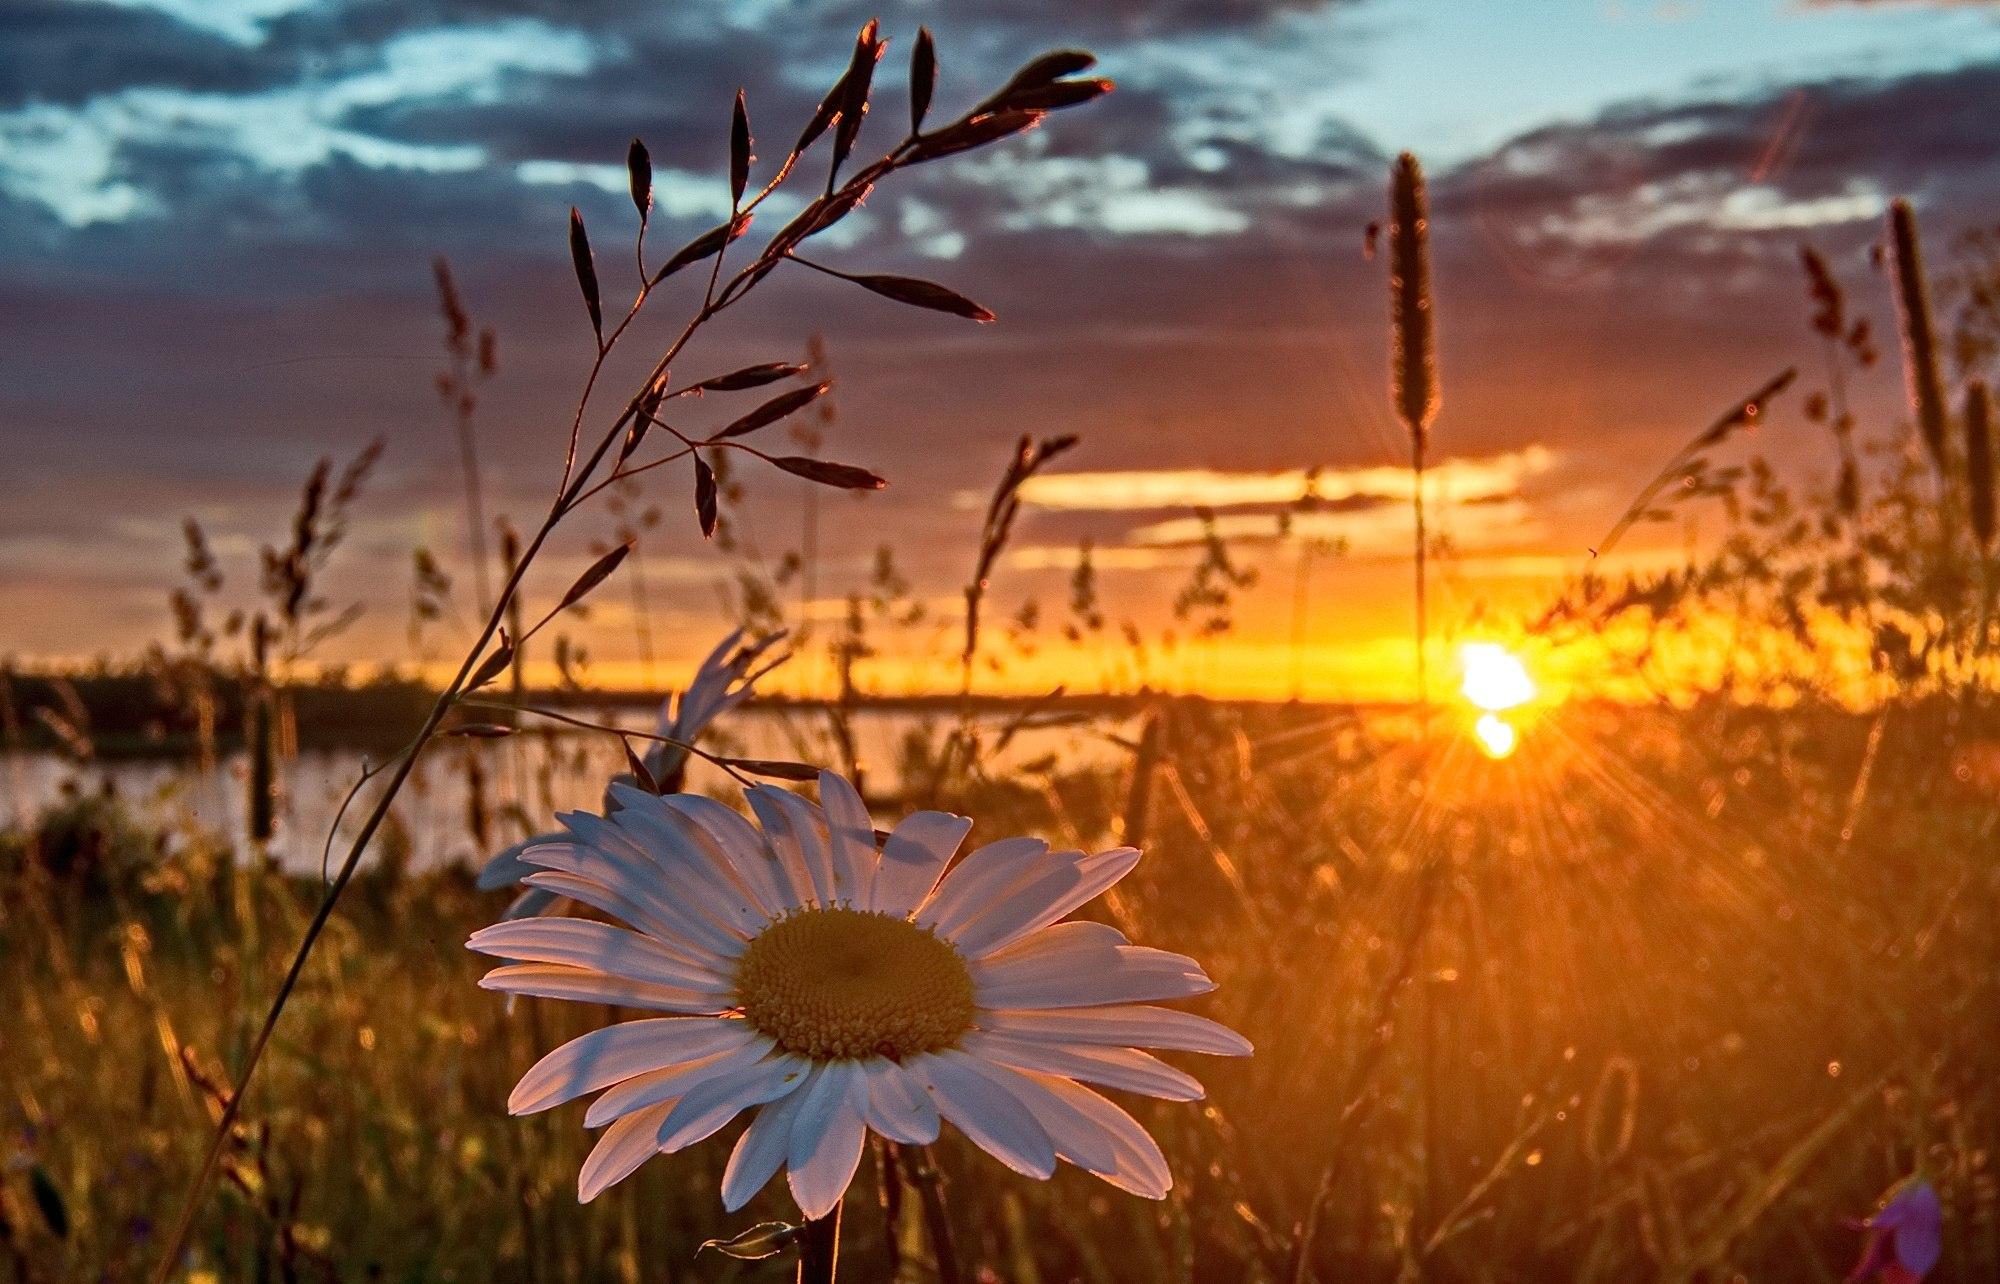 картинки с добрым вечером с видом на солнечное поле ромашек очень